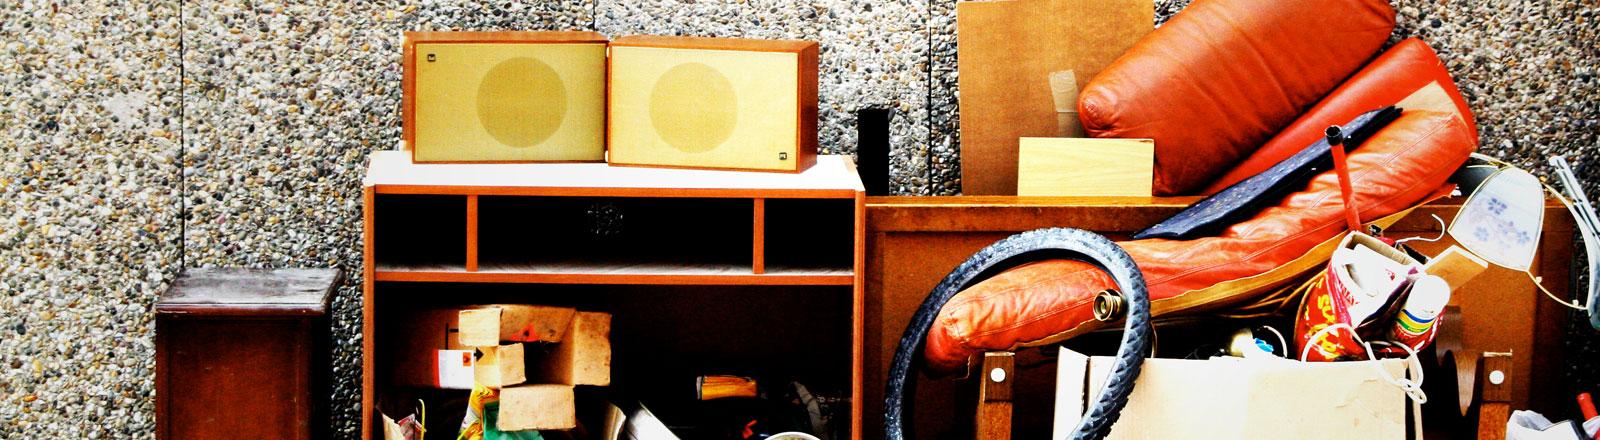 Sperrmüll vor einem Haus - Bananenkiste, Sessel, Lautsprecher und alte Möbel.